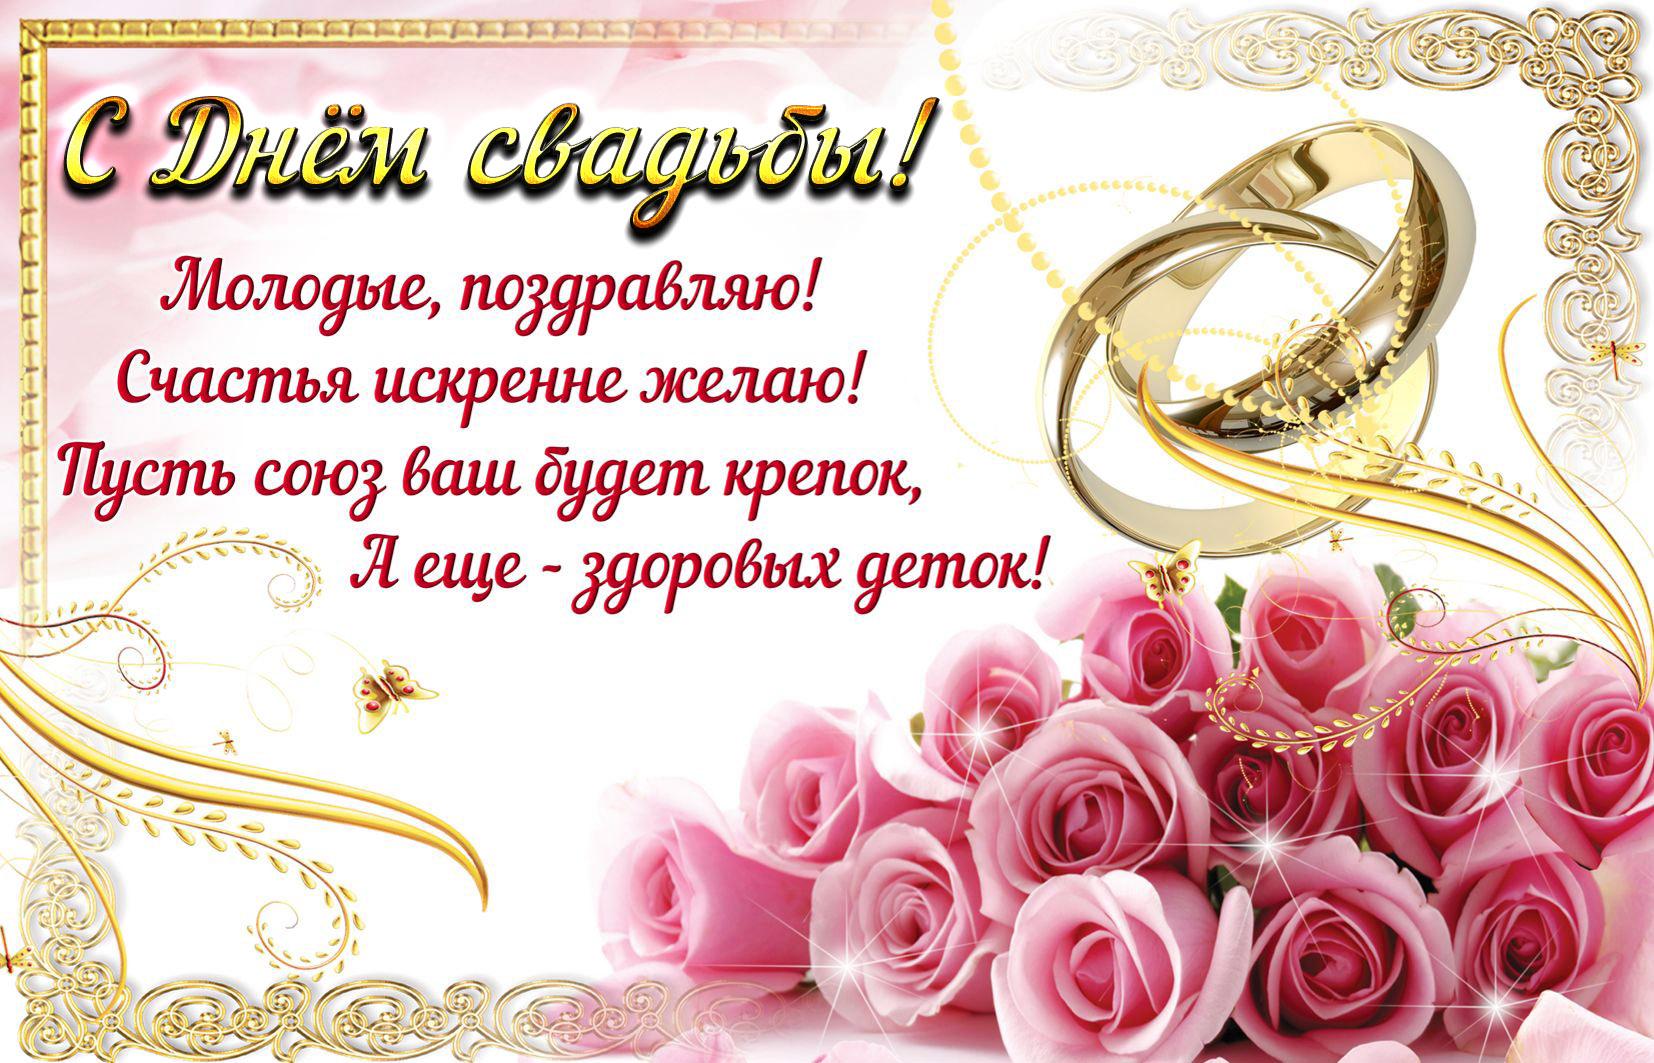 Открытки поздравления с днем свадьбы в красивых словах